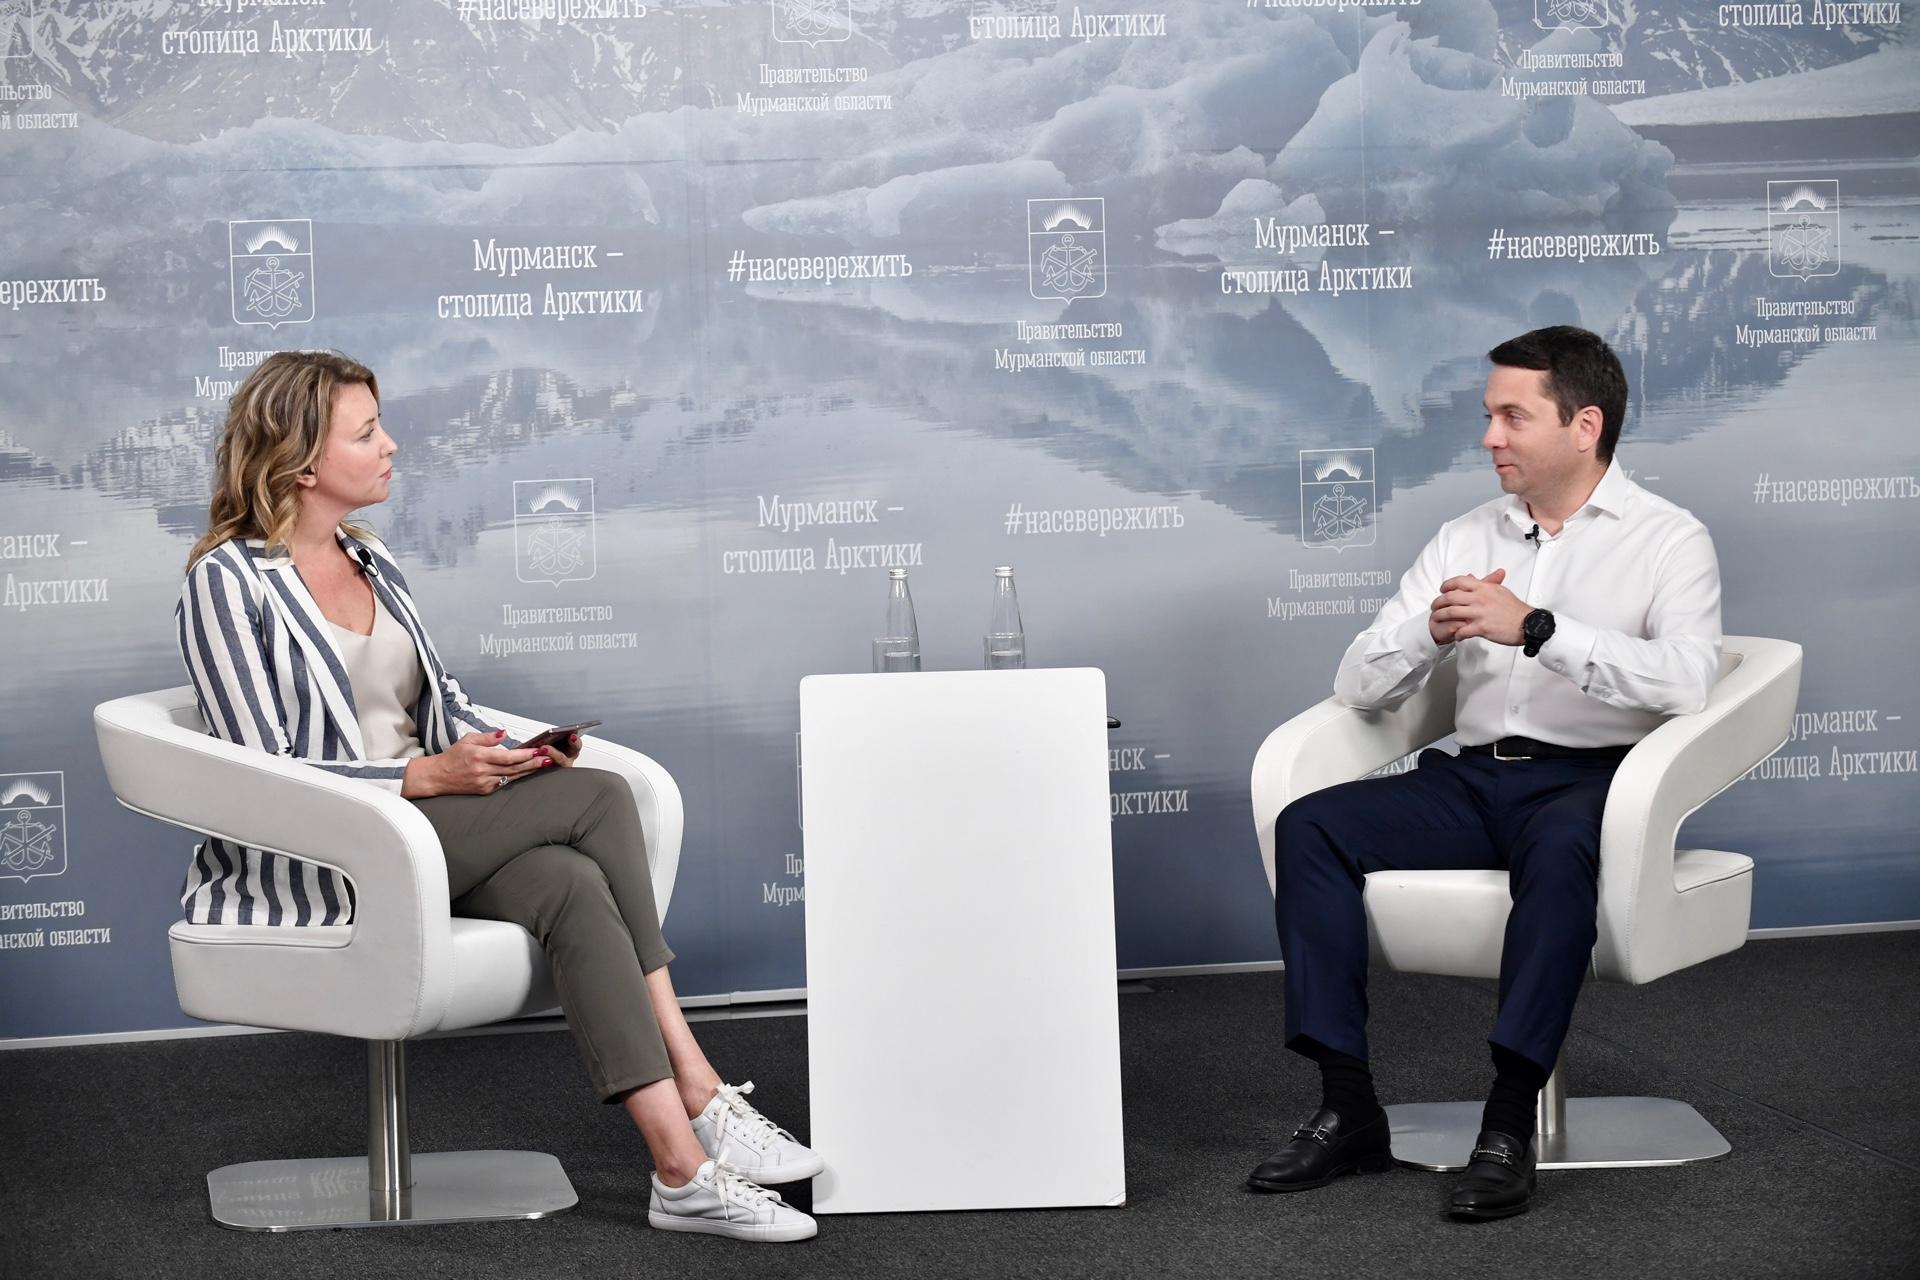 Губернатор Мурманской области поддержал проект по организации переработки шин